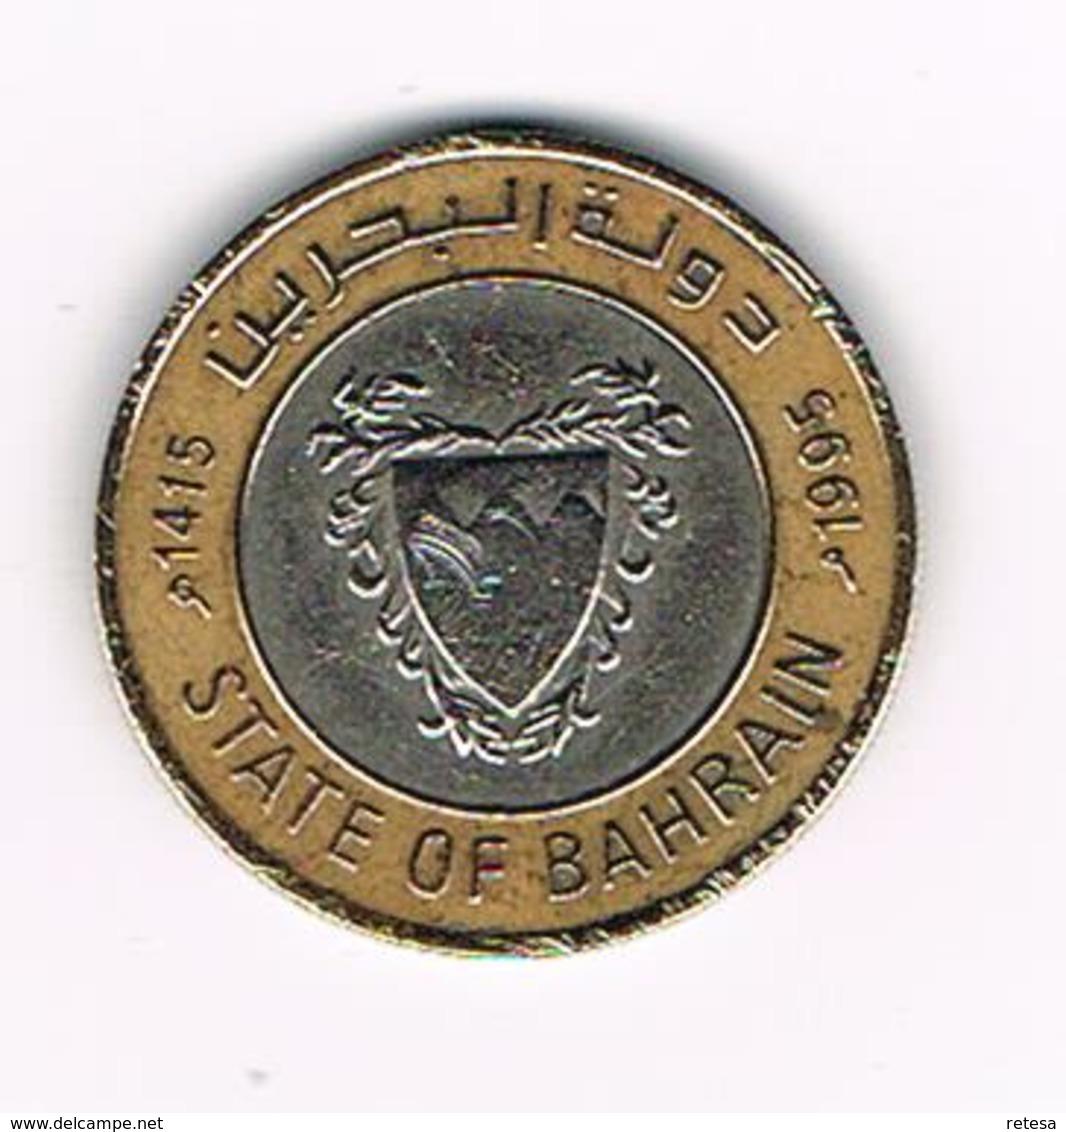 &  BAHRAIN  100  FILS  1995 ( 1415) - Bahrain